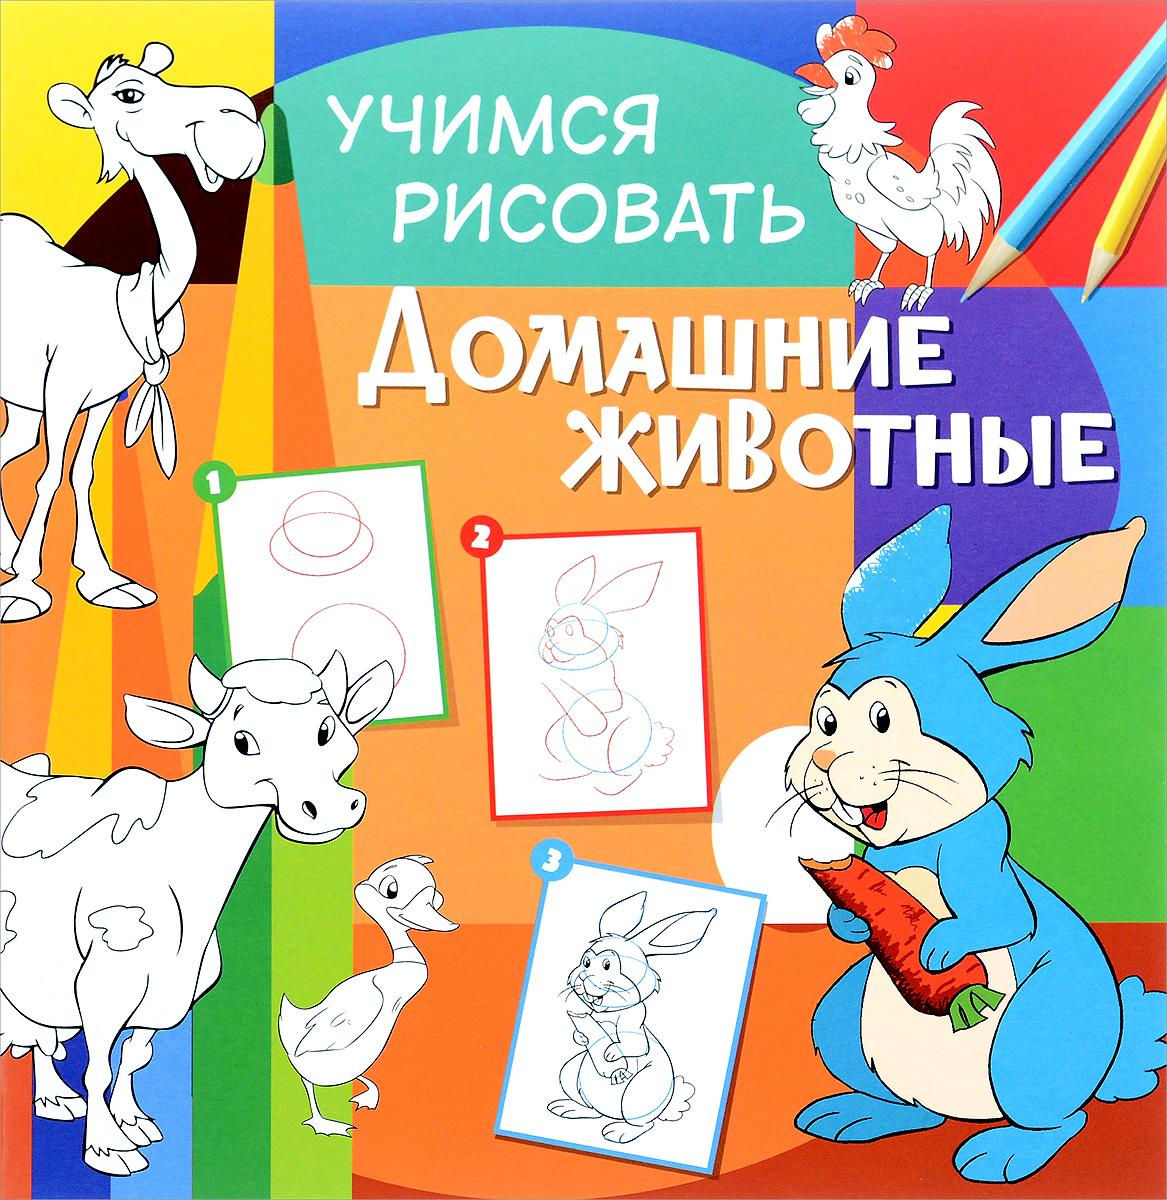 Домашние животные12296407Многие малыши обожают рисовать! Рисование и раскрашивание — это не только интересное, но и очень полезное занятие. Мы создали серию книжек-раскрасок Учимся рисовать, с которыми заниматься рисованием очень весело. Ваш ребенок сможет научиться рисовать животных, птиц, динозавров, фрукты, машины и многое другое, воспользовавшись пошаговыми советами художника. Желаем вам творческих успехов и хорошего настроения!